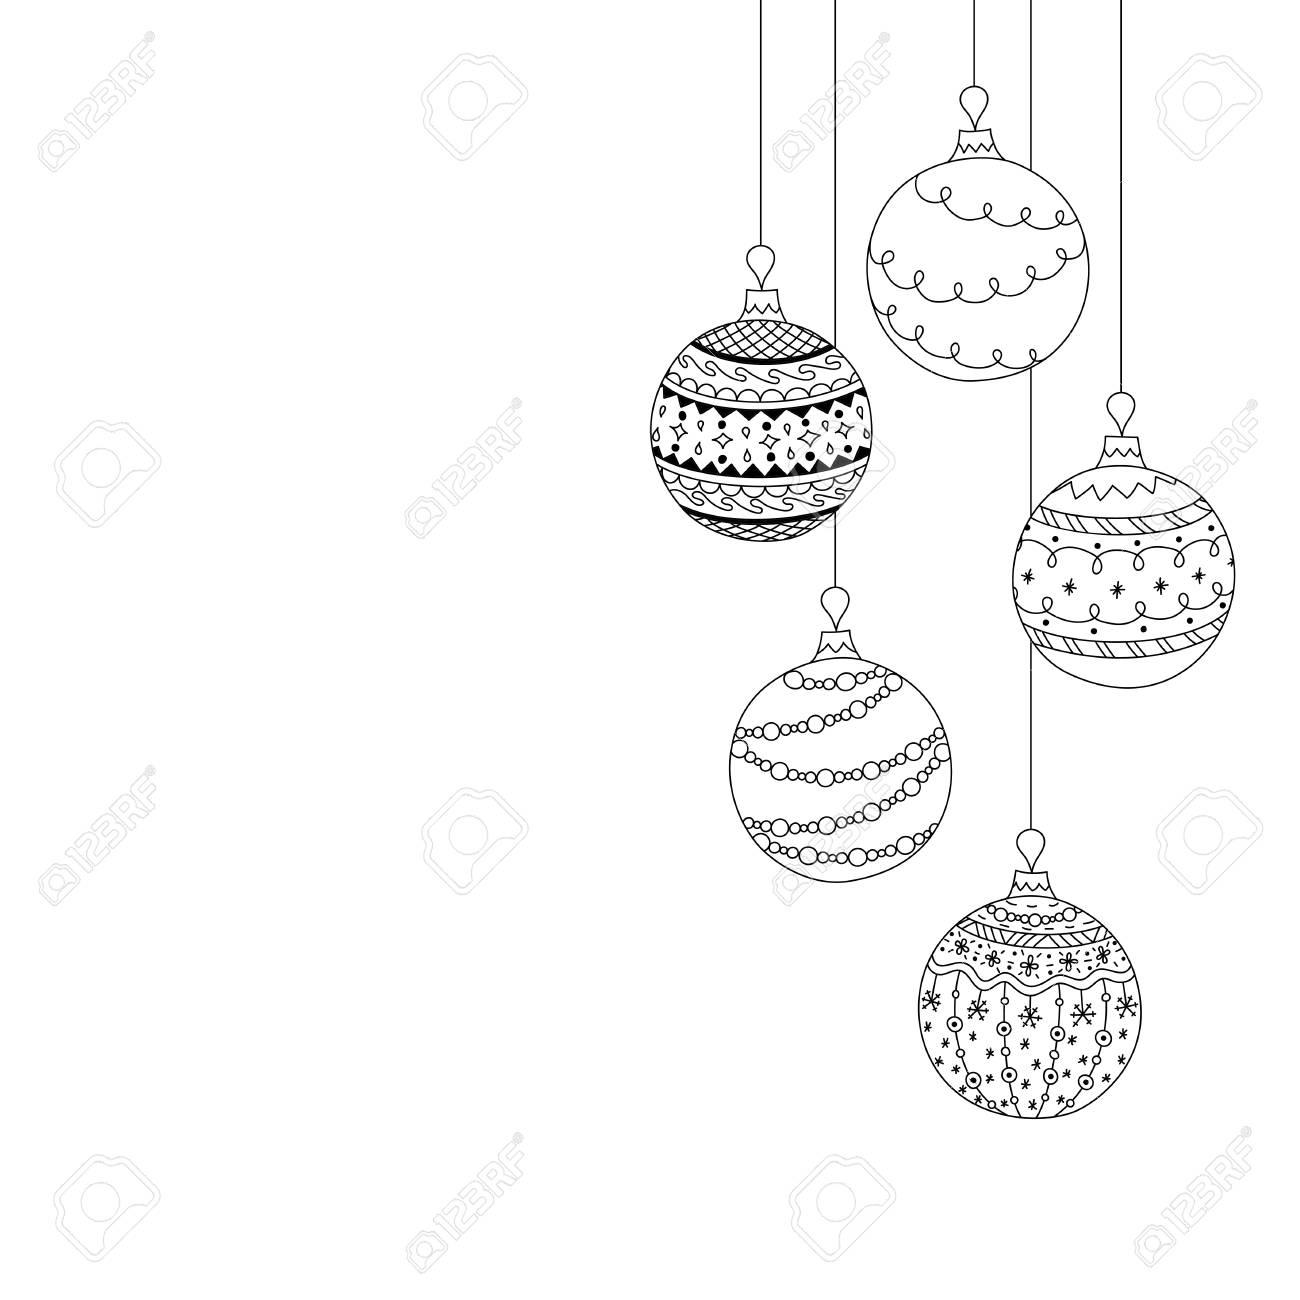 Dessin Boule De Noel.Carte D Invitation De Noël Vector De Cinq Jouets De Boule De Noël Main Dessiner Des Jouets De Boule D Arbre De Noël Noël Livre De Coloriage De